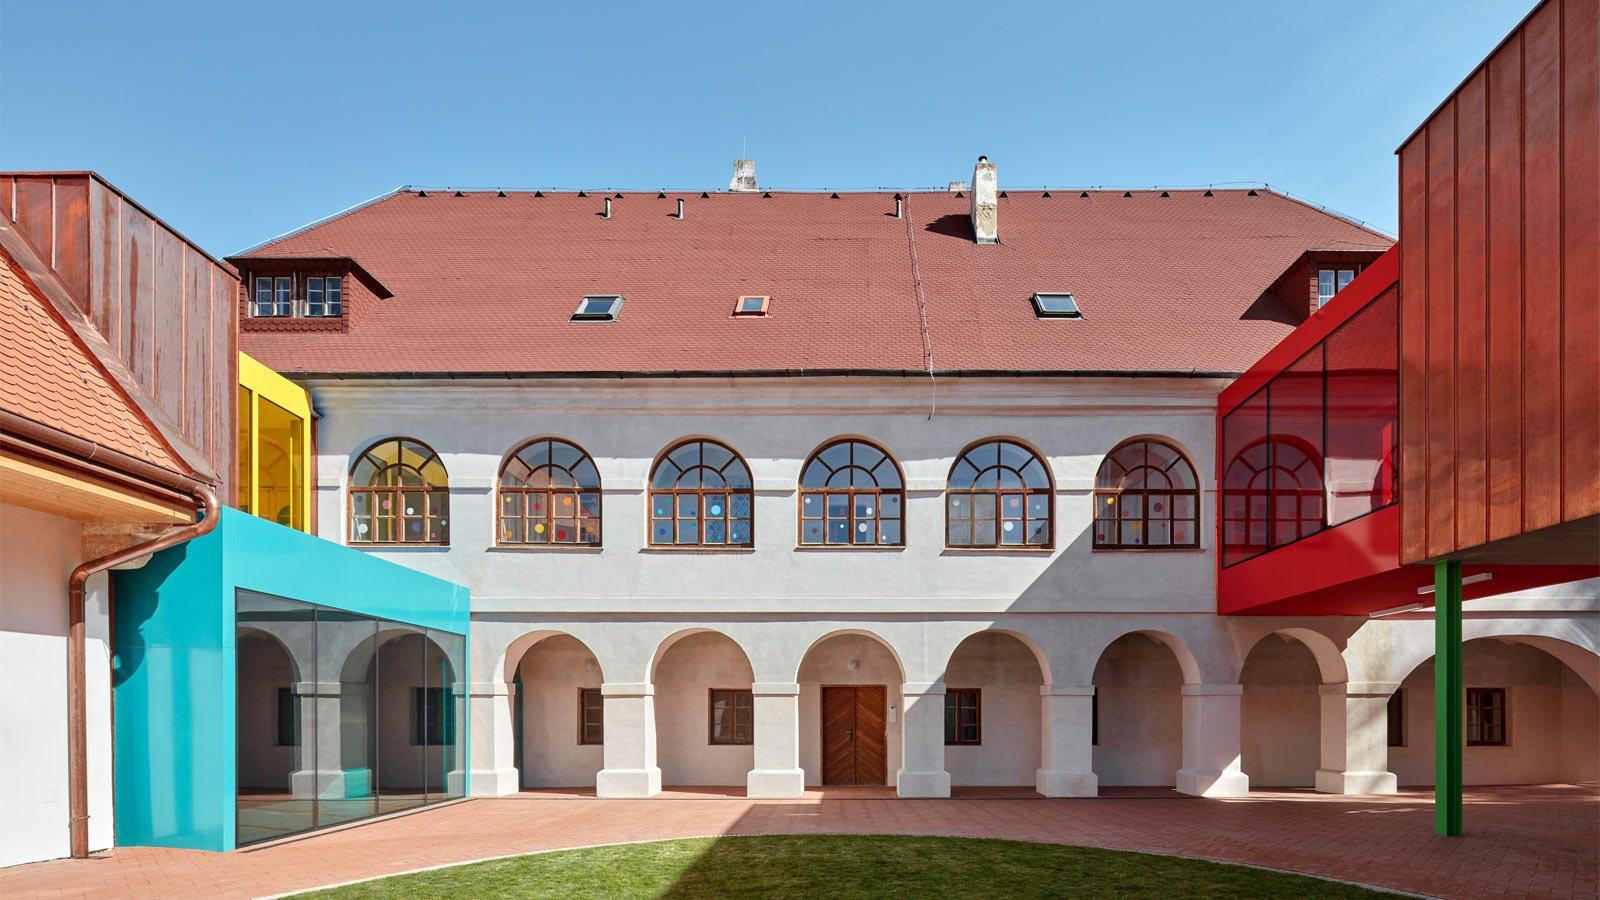 Elementary School Vřesovice, Czech Republic, outside shot